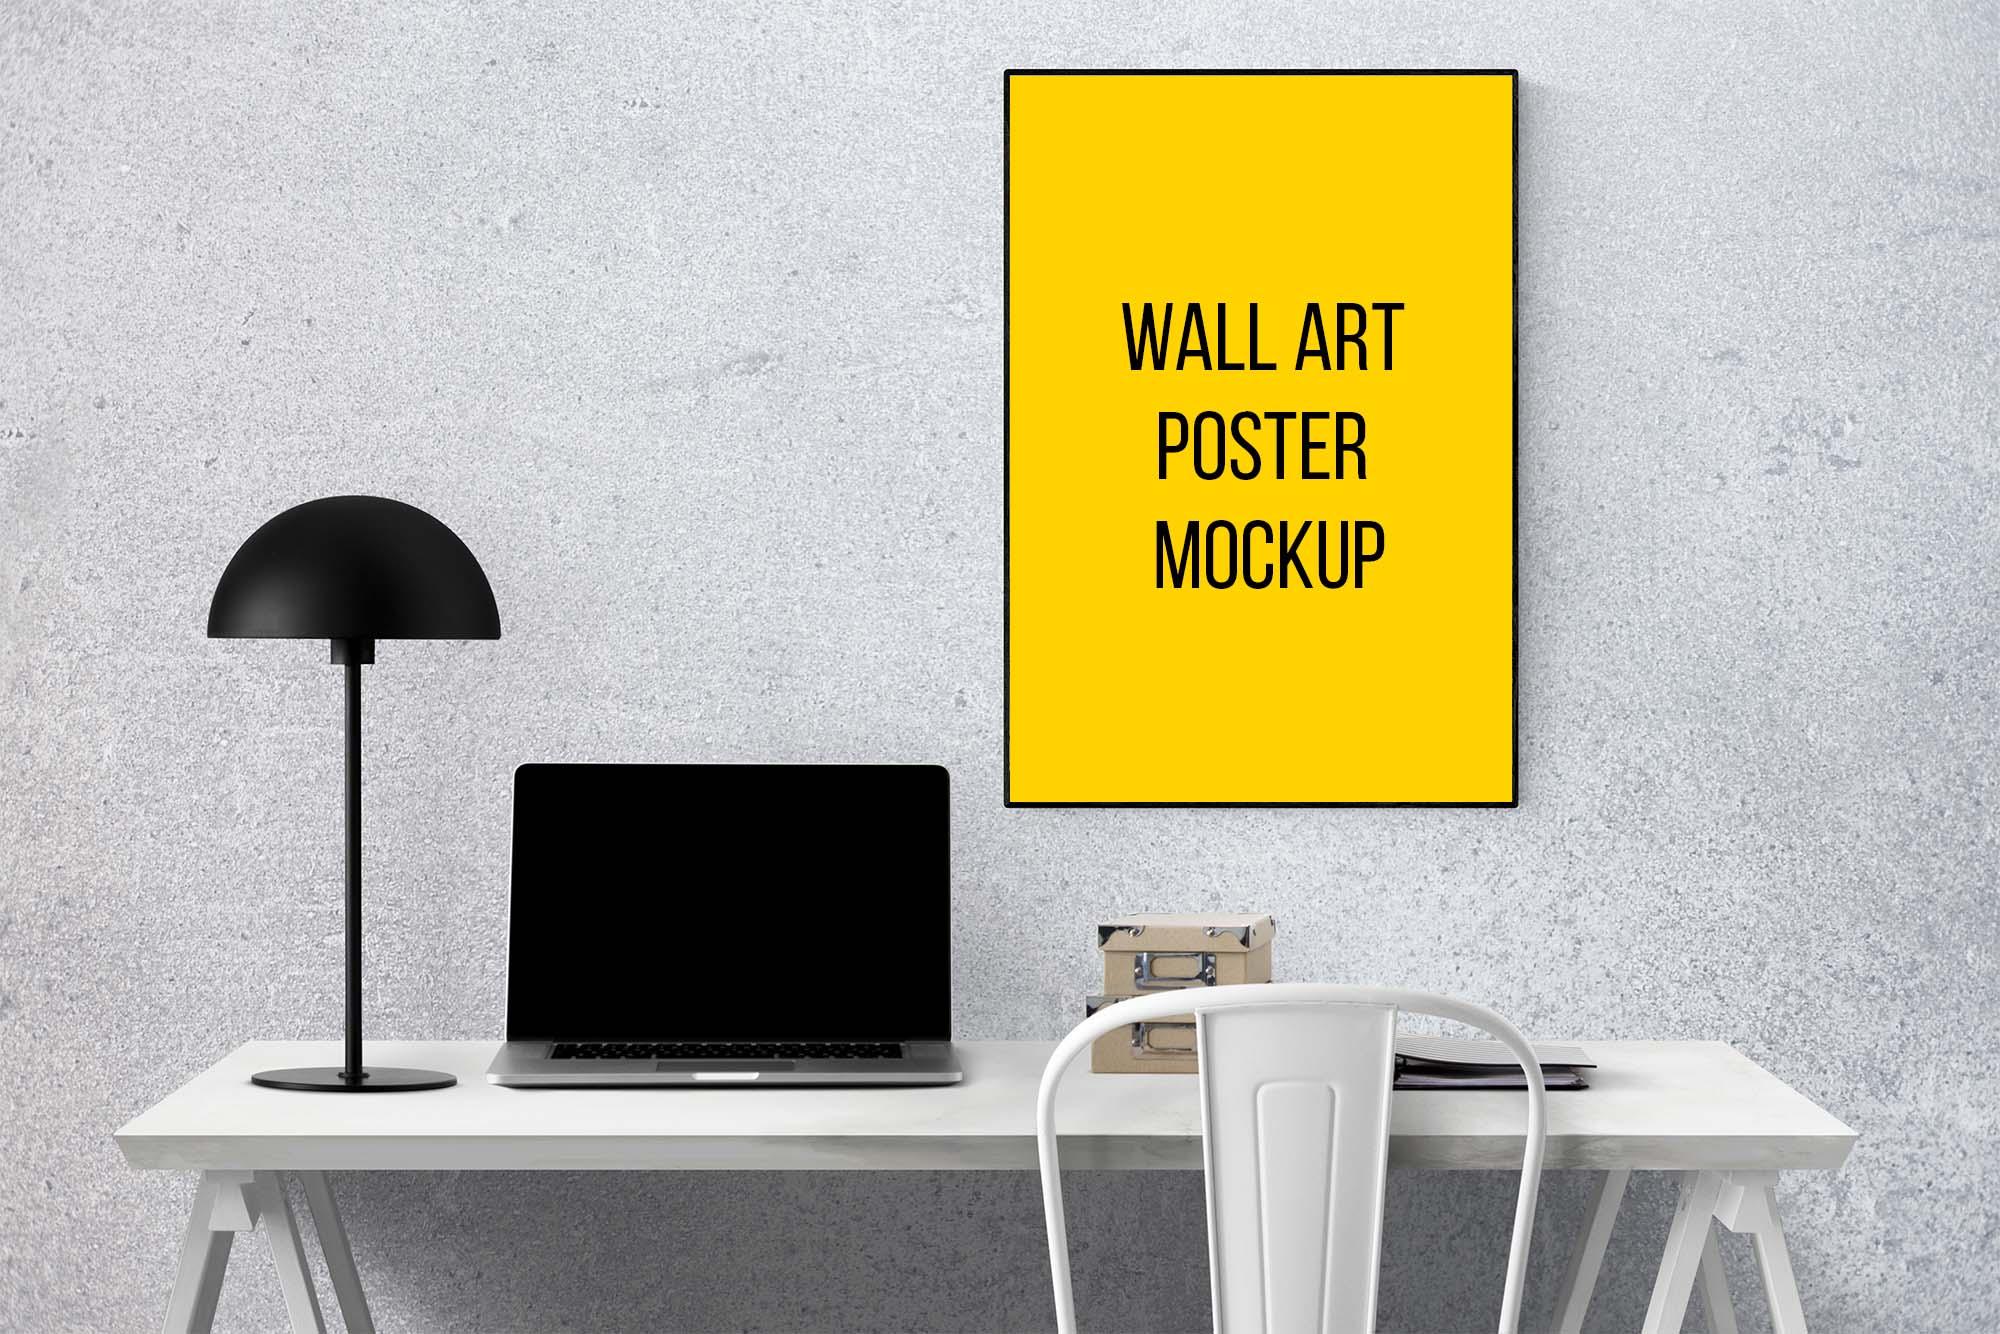 Wall Art Poster Mockup